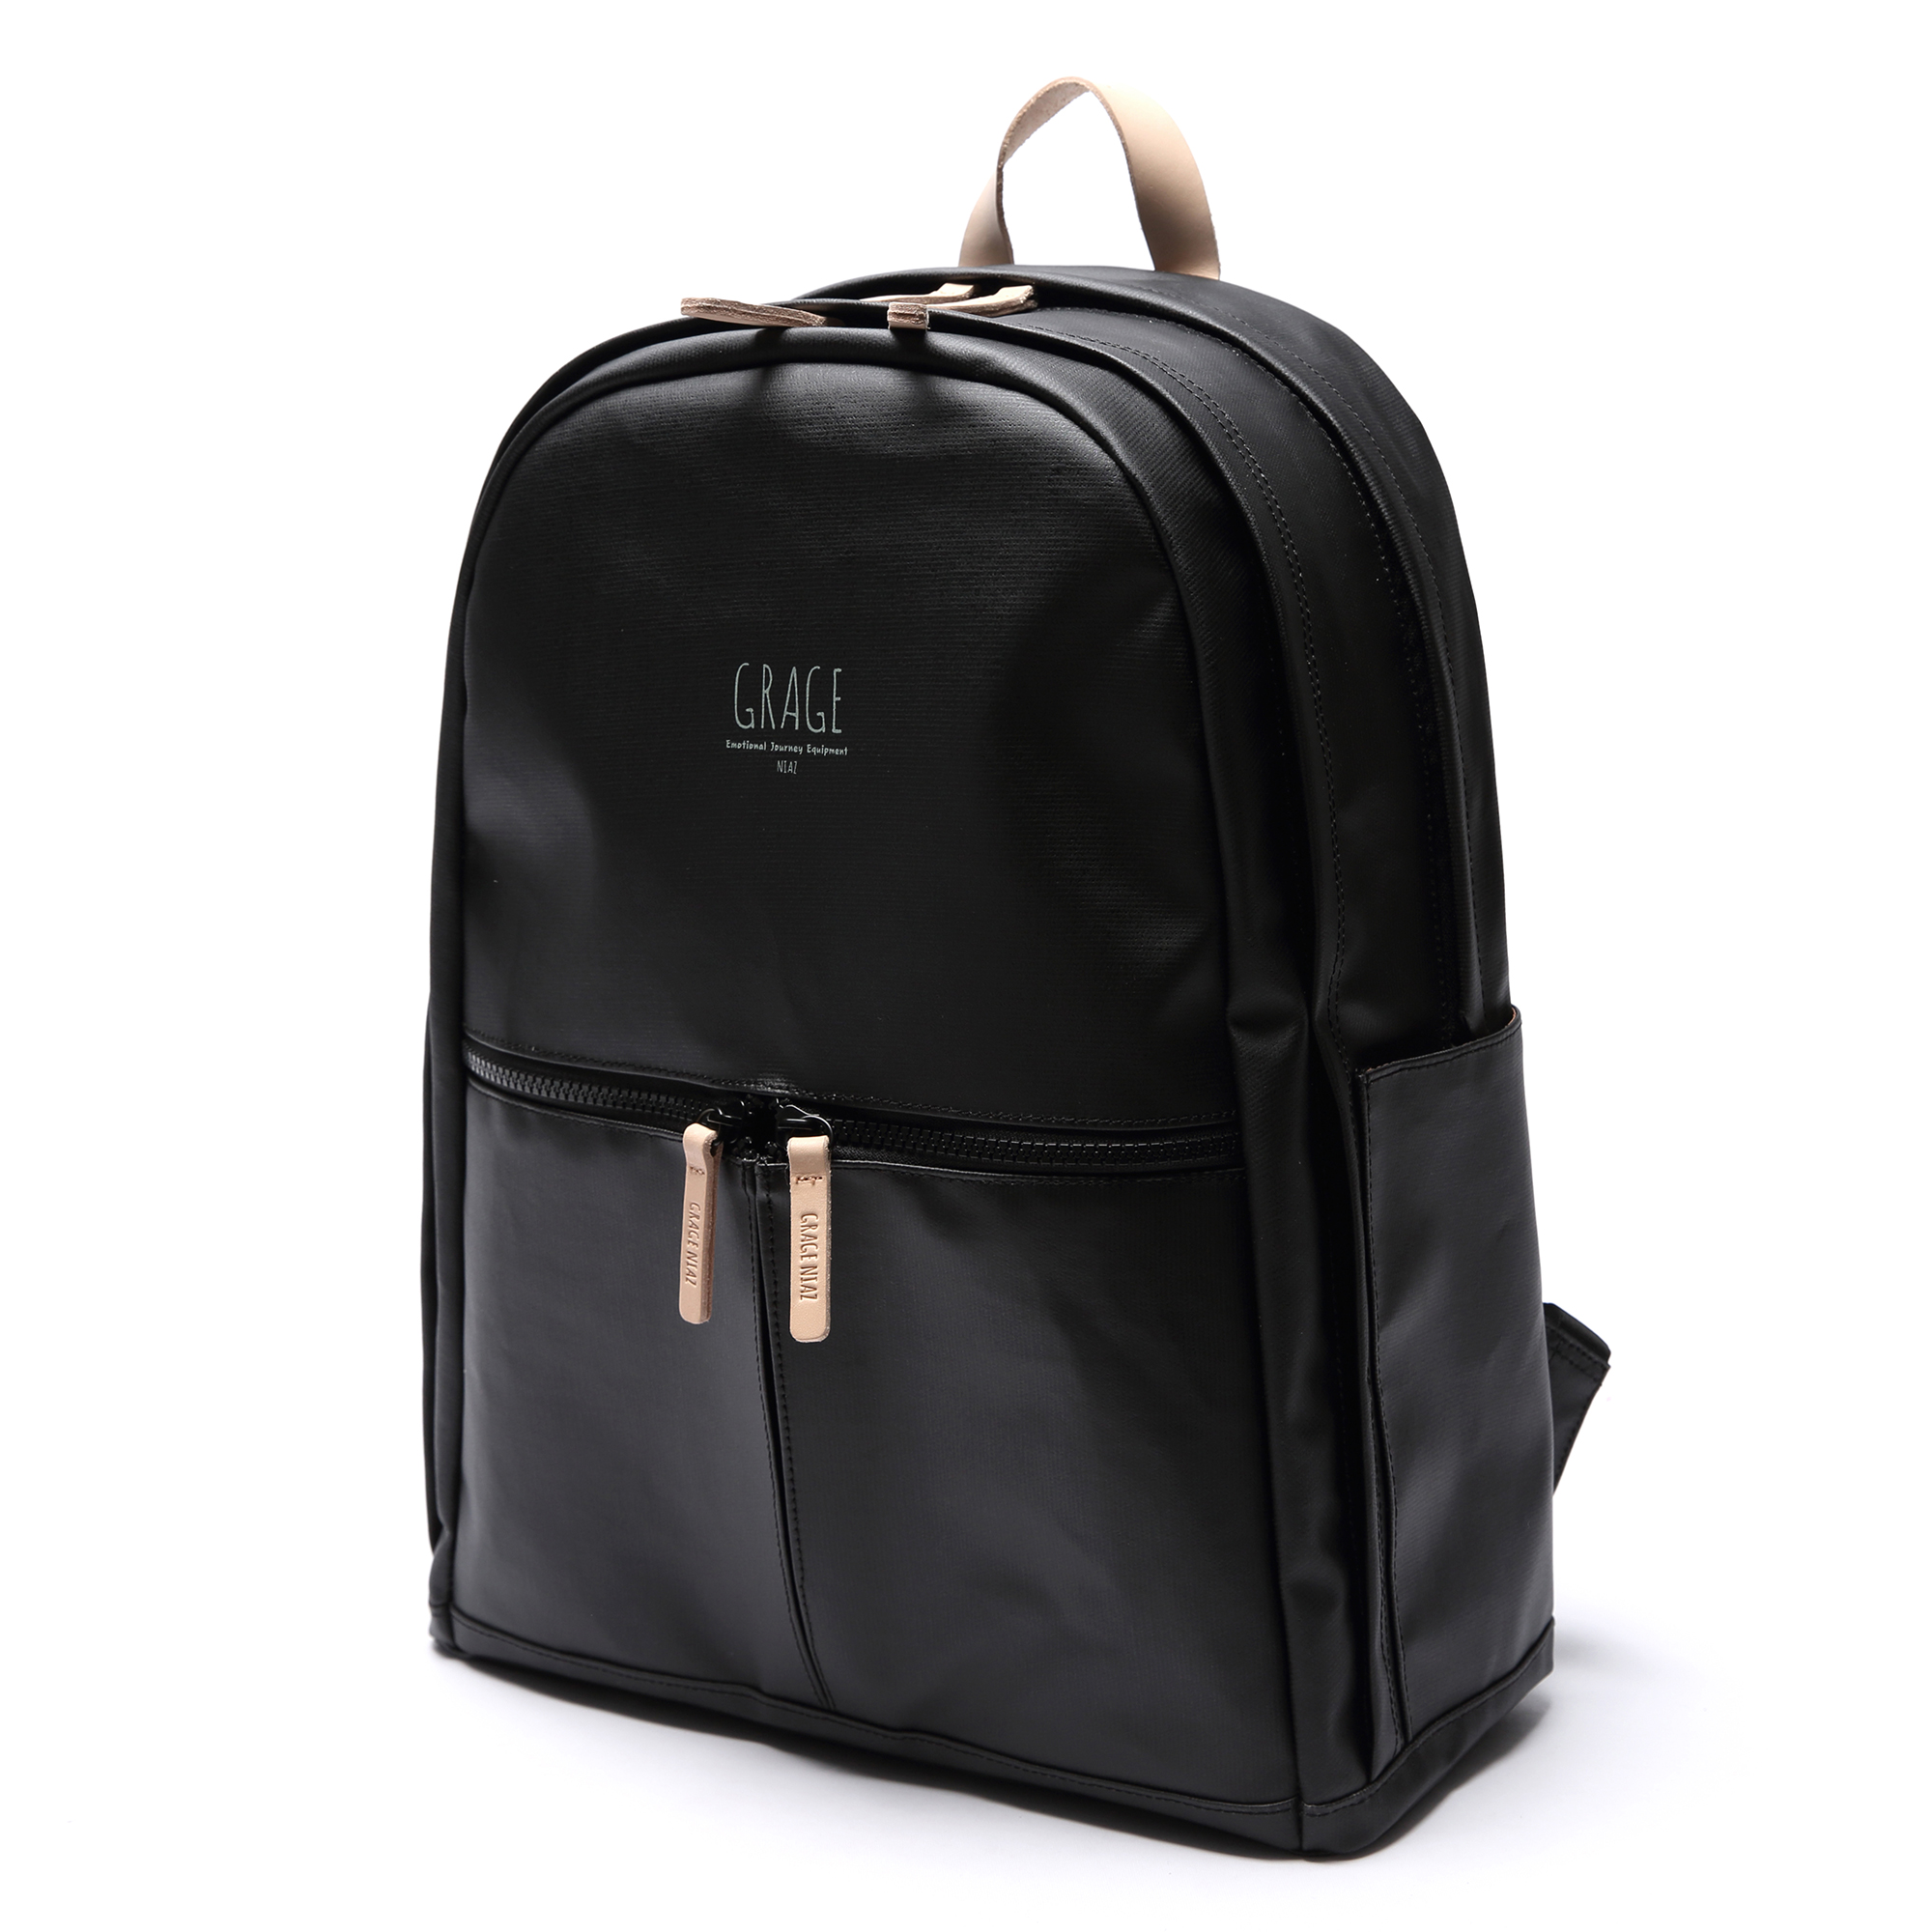 [그레이지] GRAGE - LUCY BAG (Onyx Black) 루시백팩 가방 신학기가방